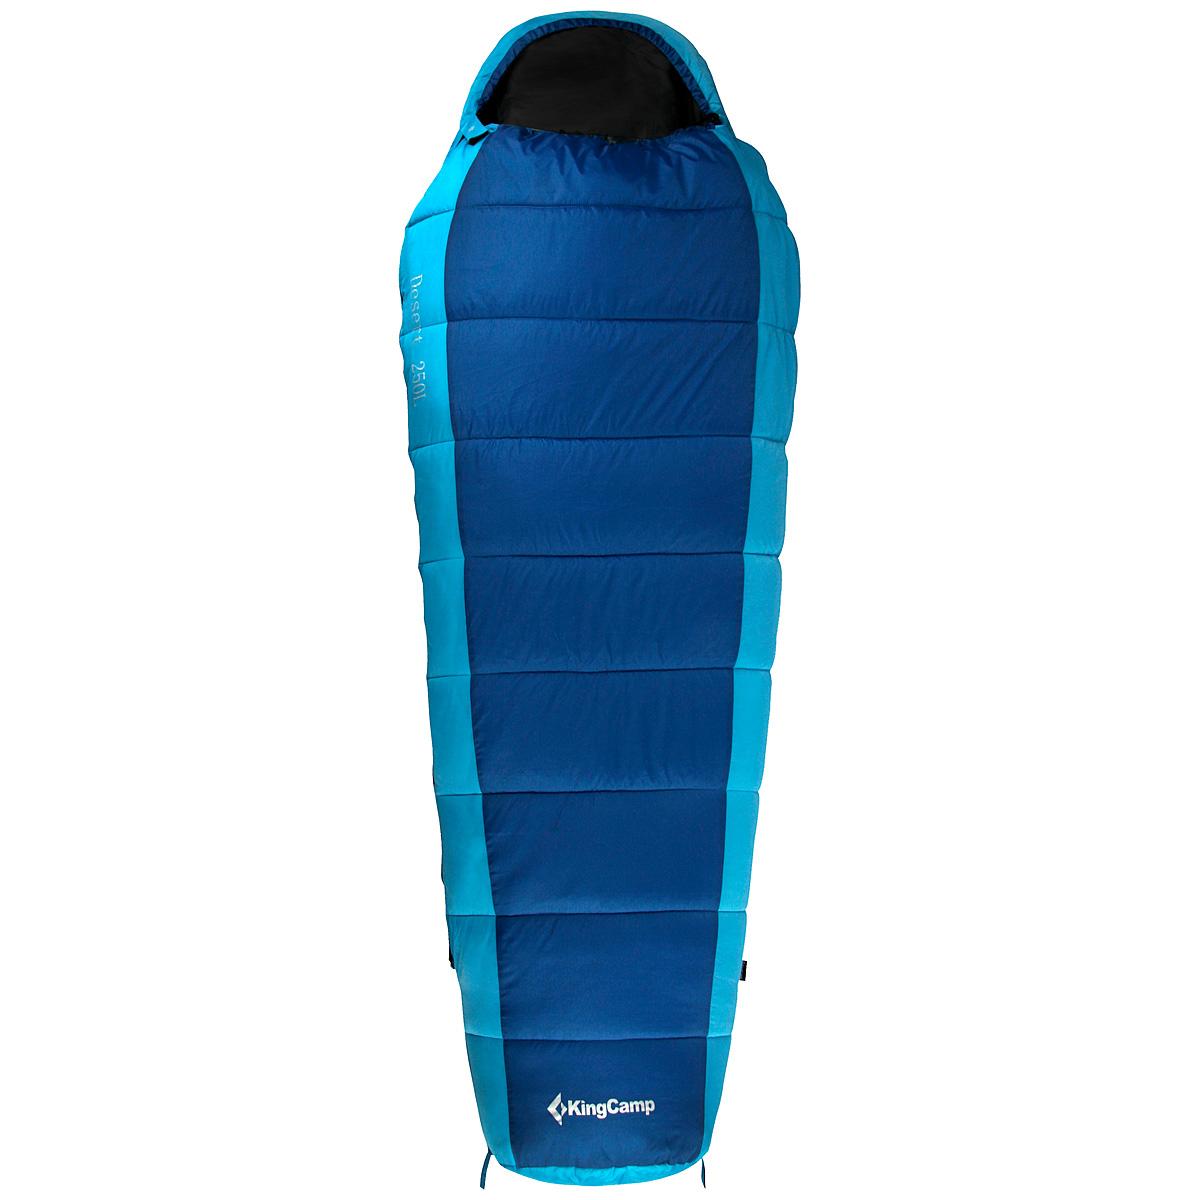 Спальный мешок-кокон KingCamp Desert 250L KS3185, левосторонняя молния, цвет: синийУТ-000050662Спальник-кокон KingCamp Desert 250L - незаменимая вещь для любителей уюта и комфорта во время активного отдыха. Спальный мешок закрывается на двустороннюю застежку-молнию. Этот теплый спальный мешок спасет вас от холода во время туристического похода, поездки на рыбалку.Спальный мешок упакован в удобный нейлоновый чехол для переноски.